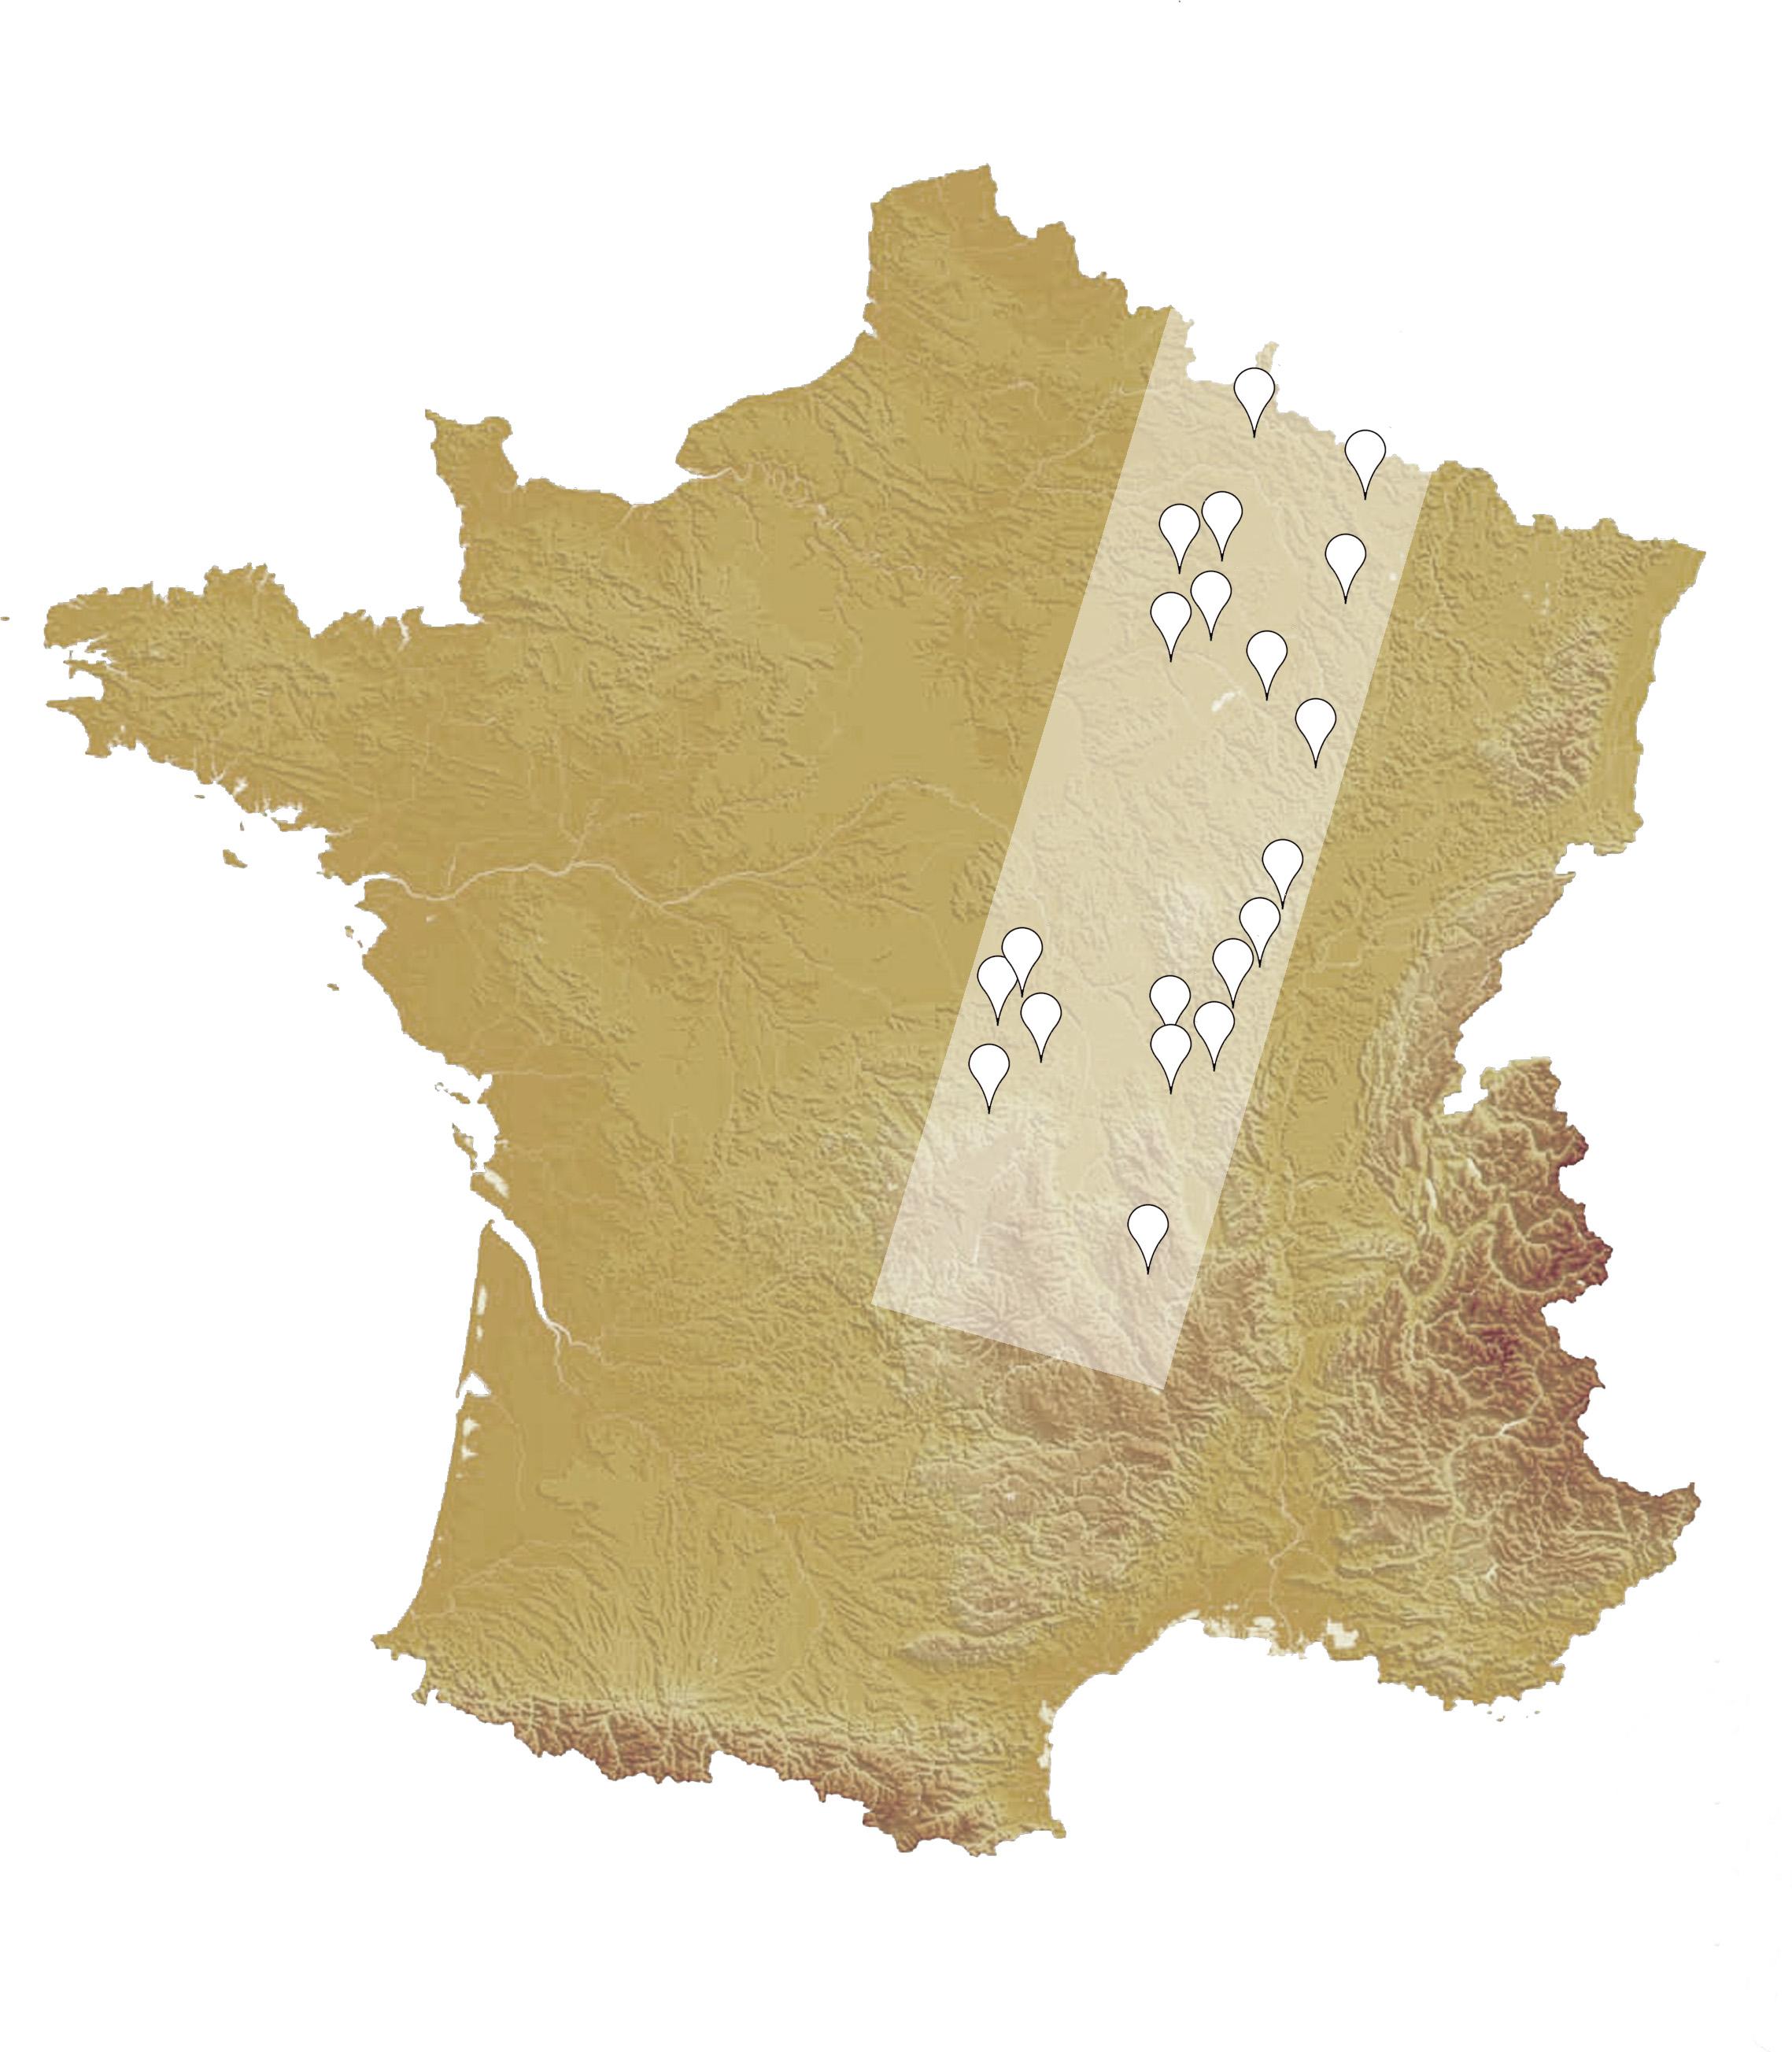 """Carte de la France et des lieux photographiés avec schématisation approximative de la """"Diagonale Aride""""."""